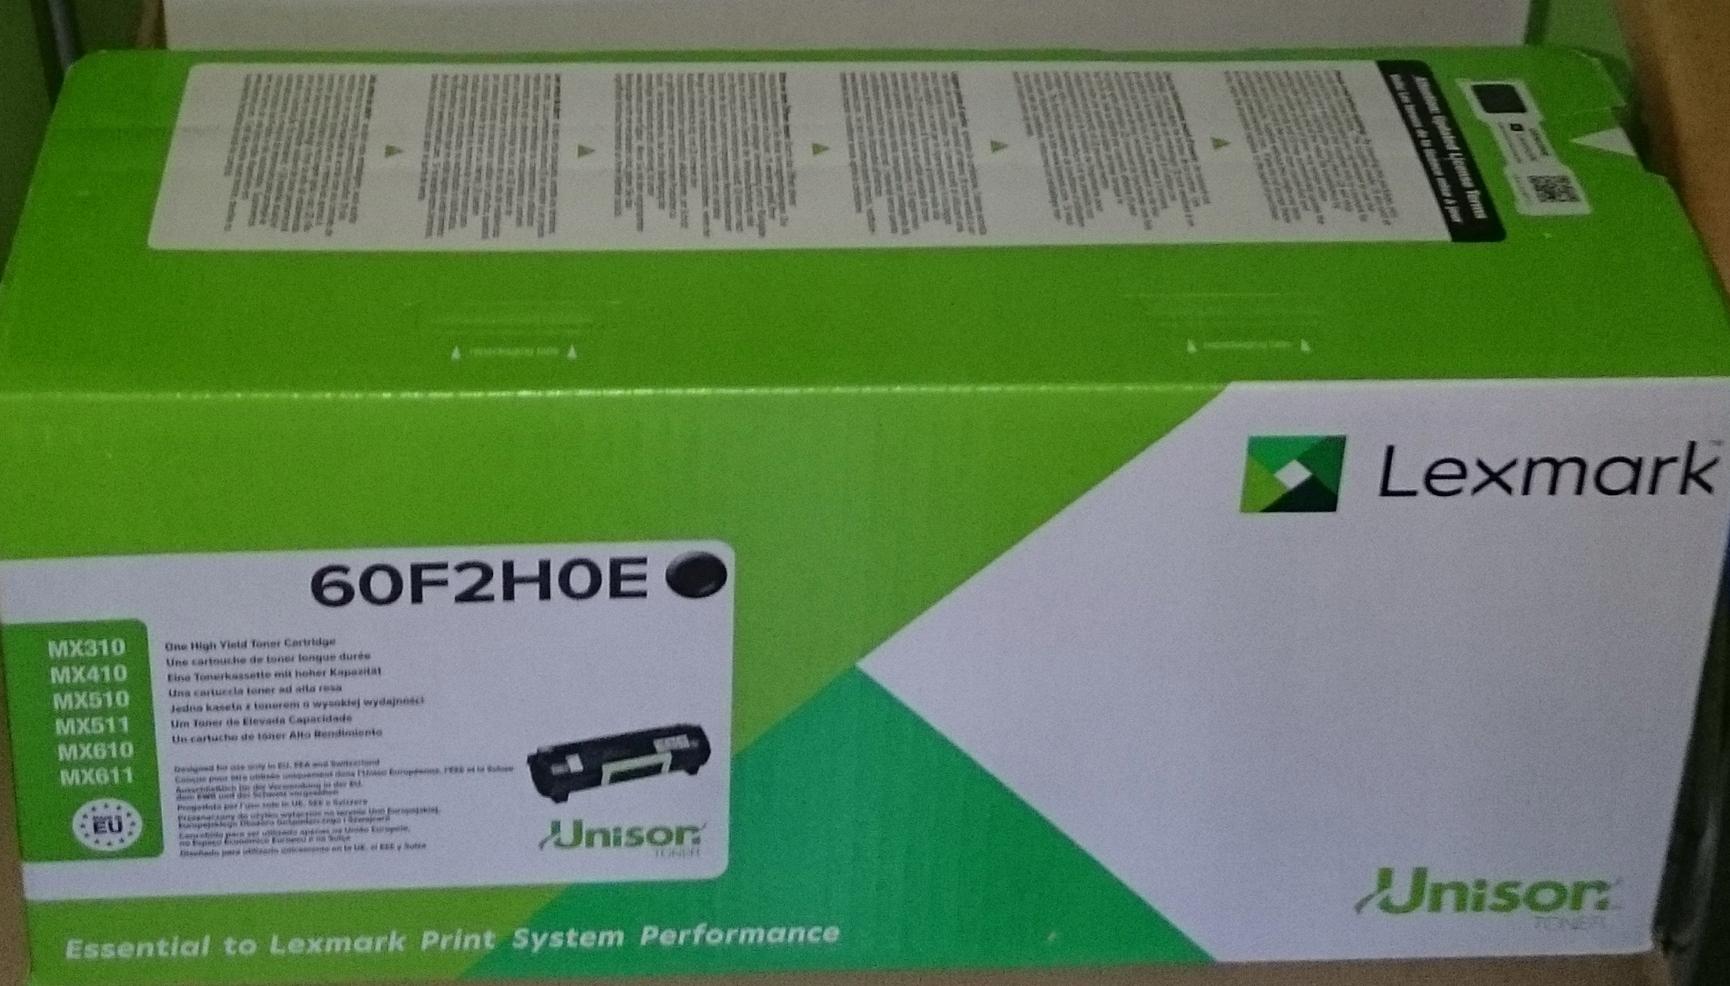 Toner Lexmark MX 410/ MX610 ( 60F2HOE ) oryginalny